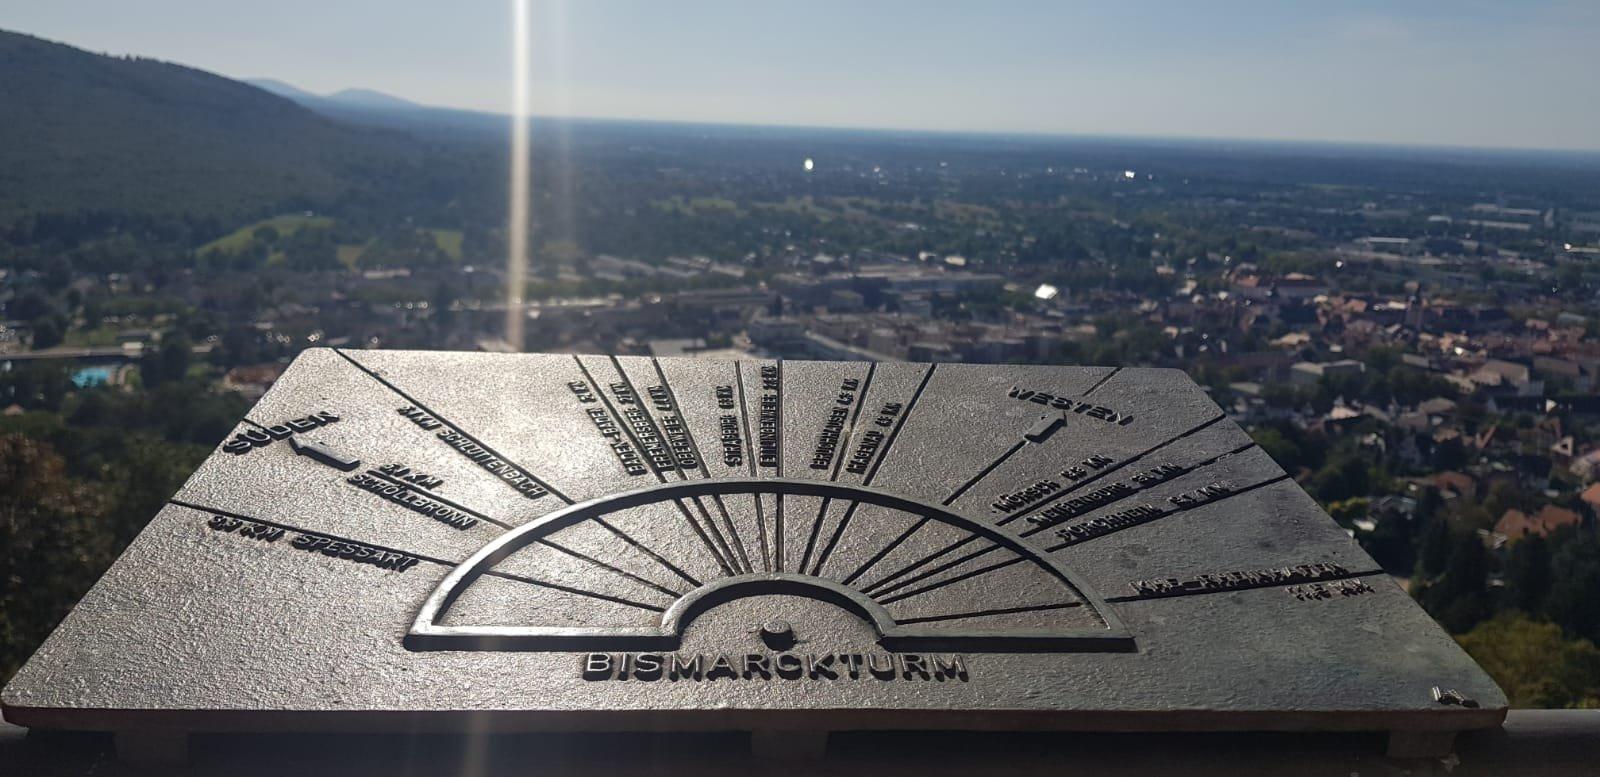 Aussicht vom Bismarckturm